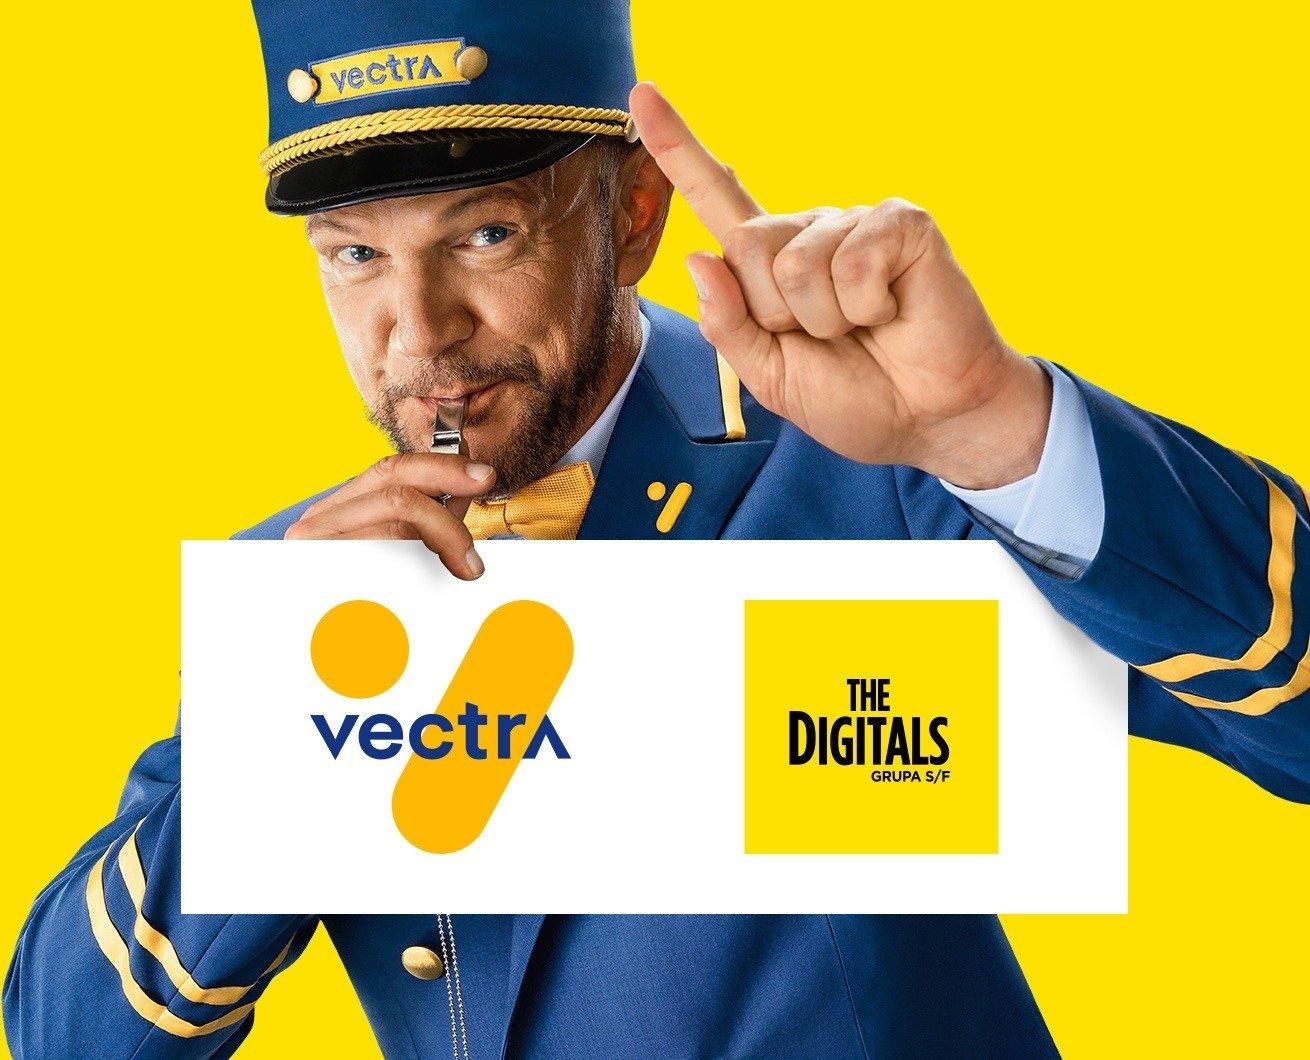 Agencja The Digitals przejmuje kompleksową obsługę kreatywną Vectry